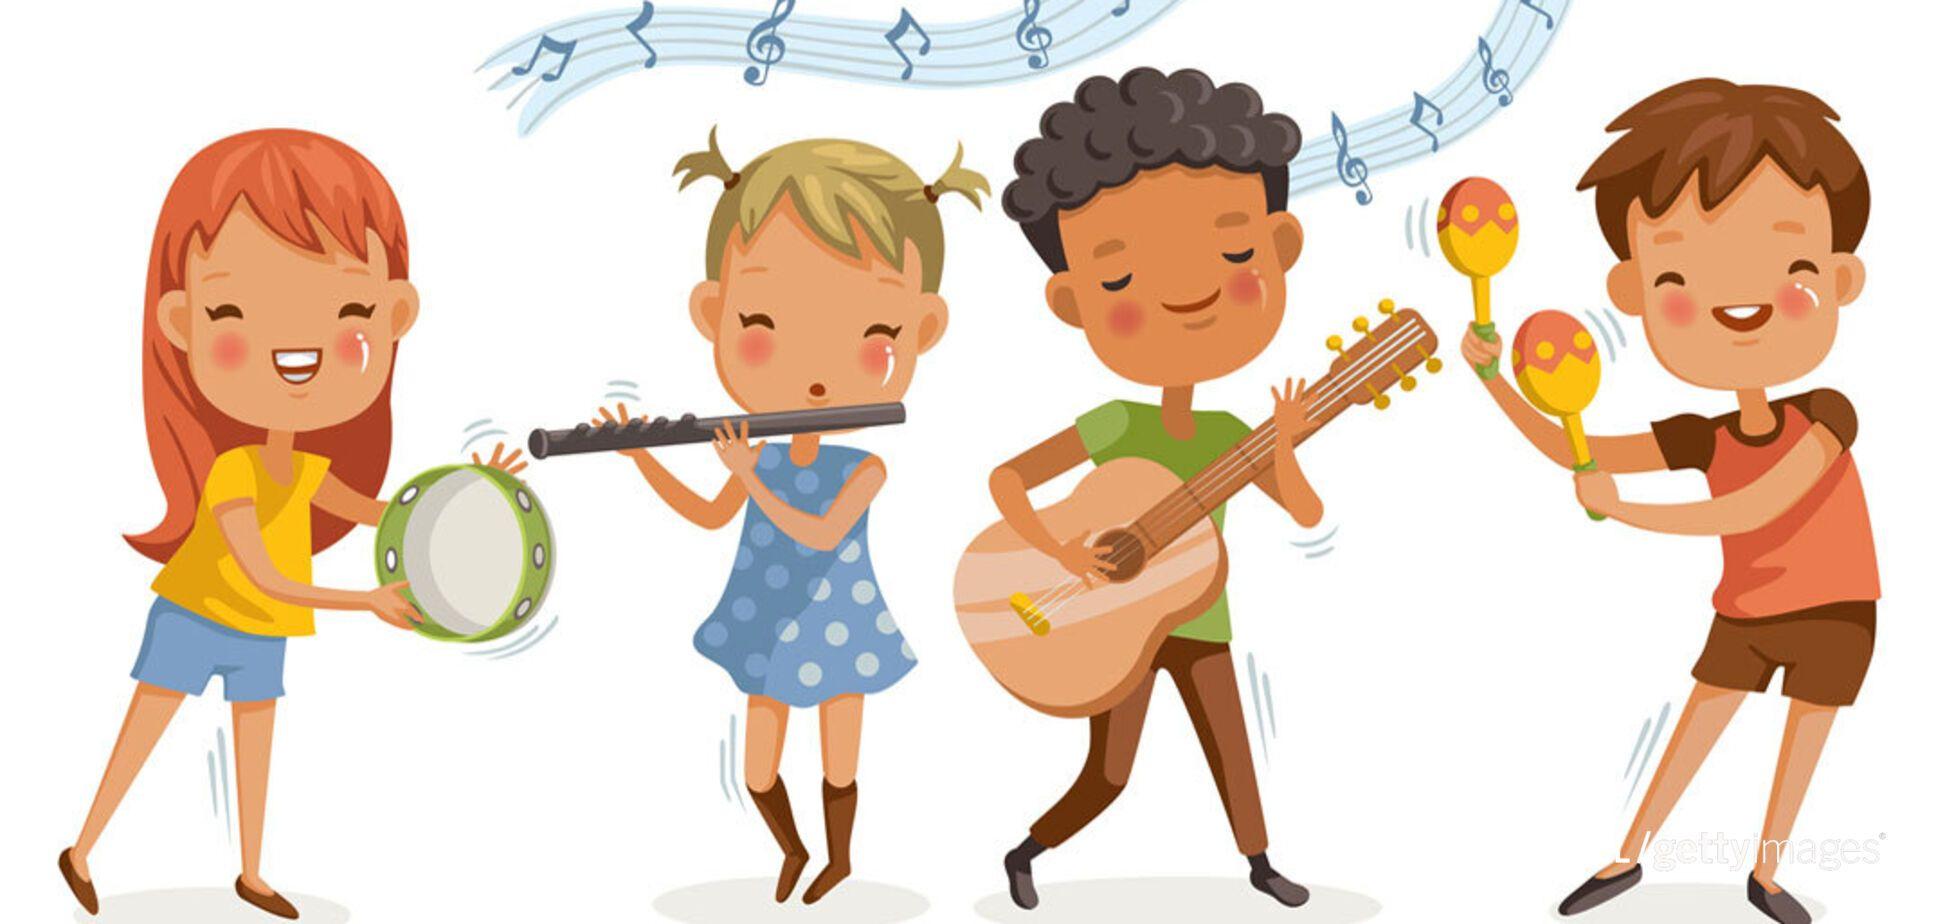 Іспит із музики: 10 питань від шкільної вчительки